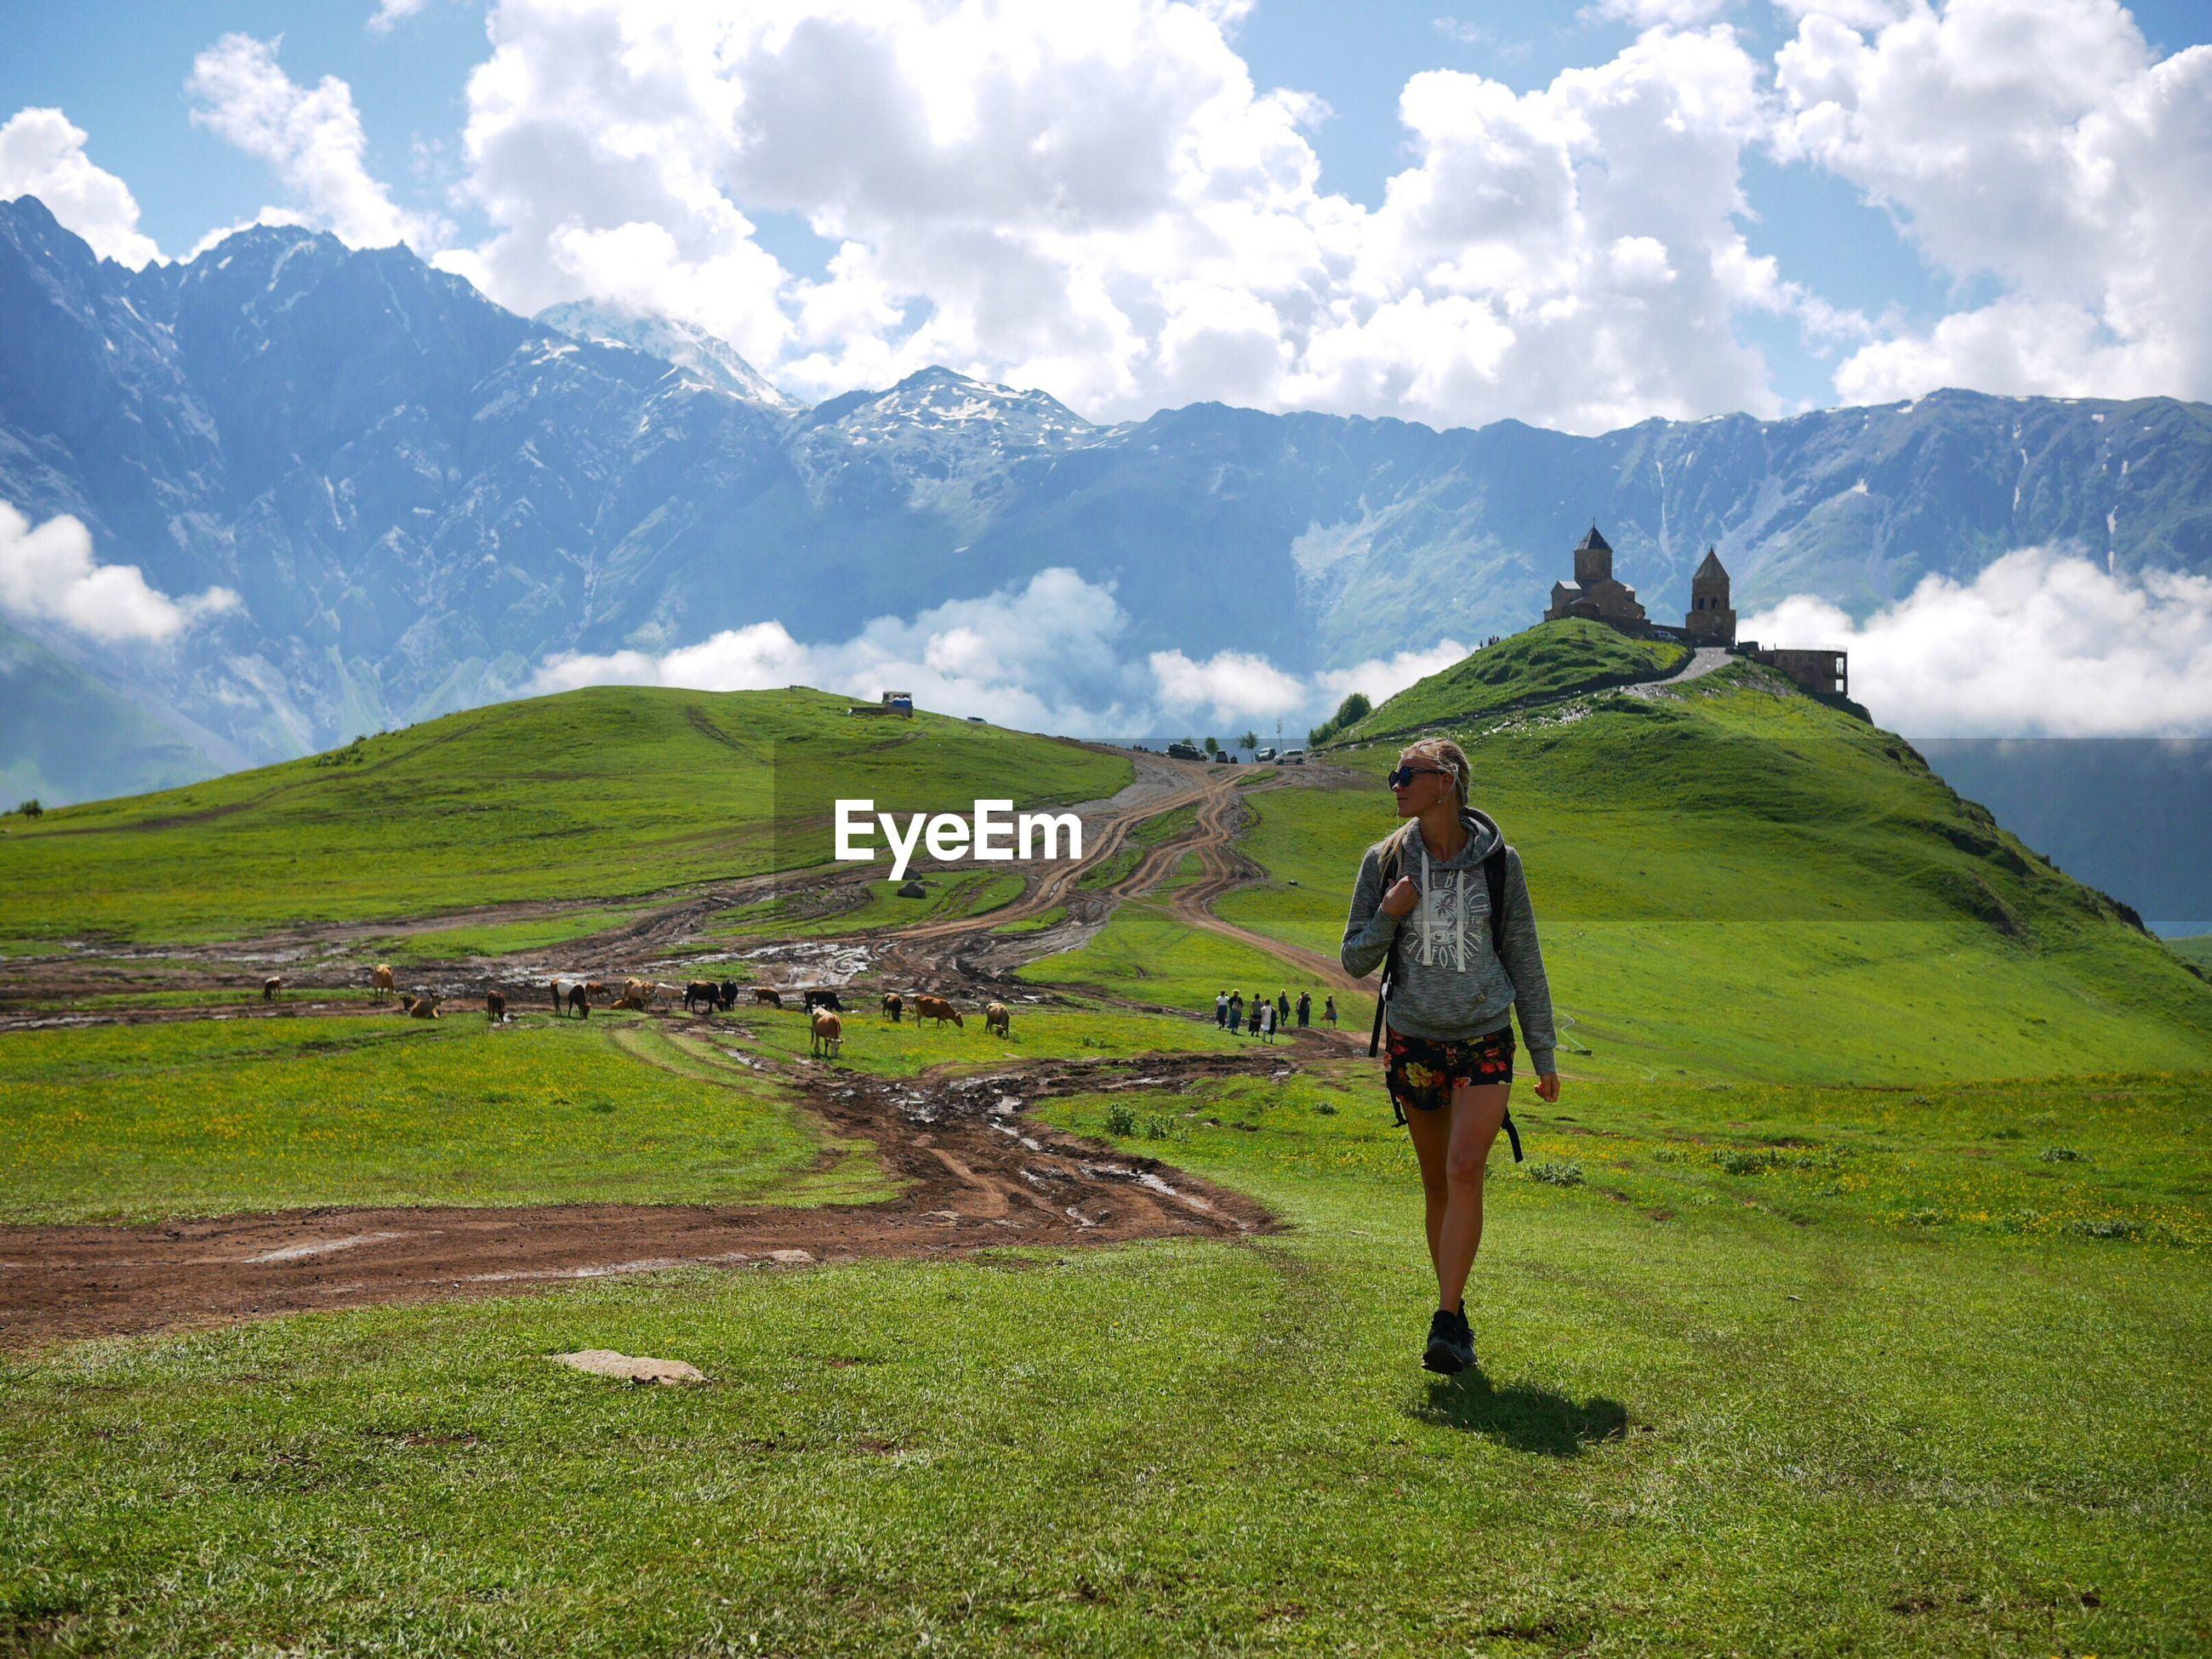 Woman walking on grassy field against sky